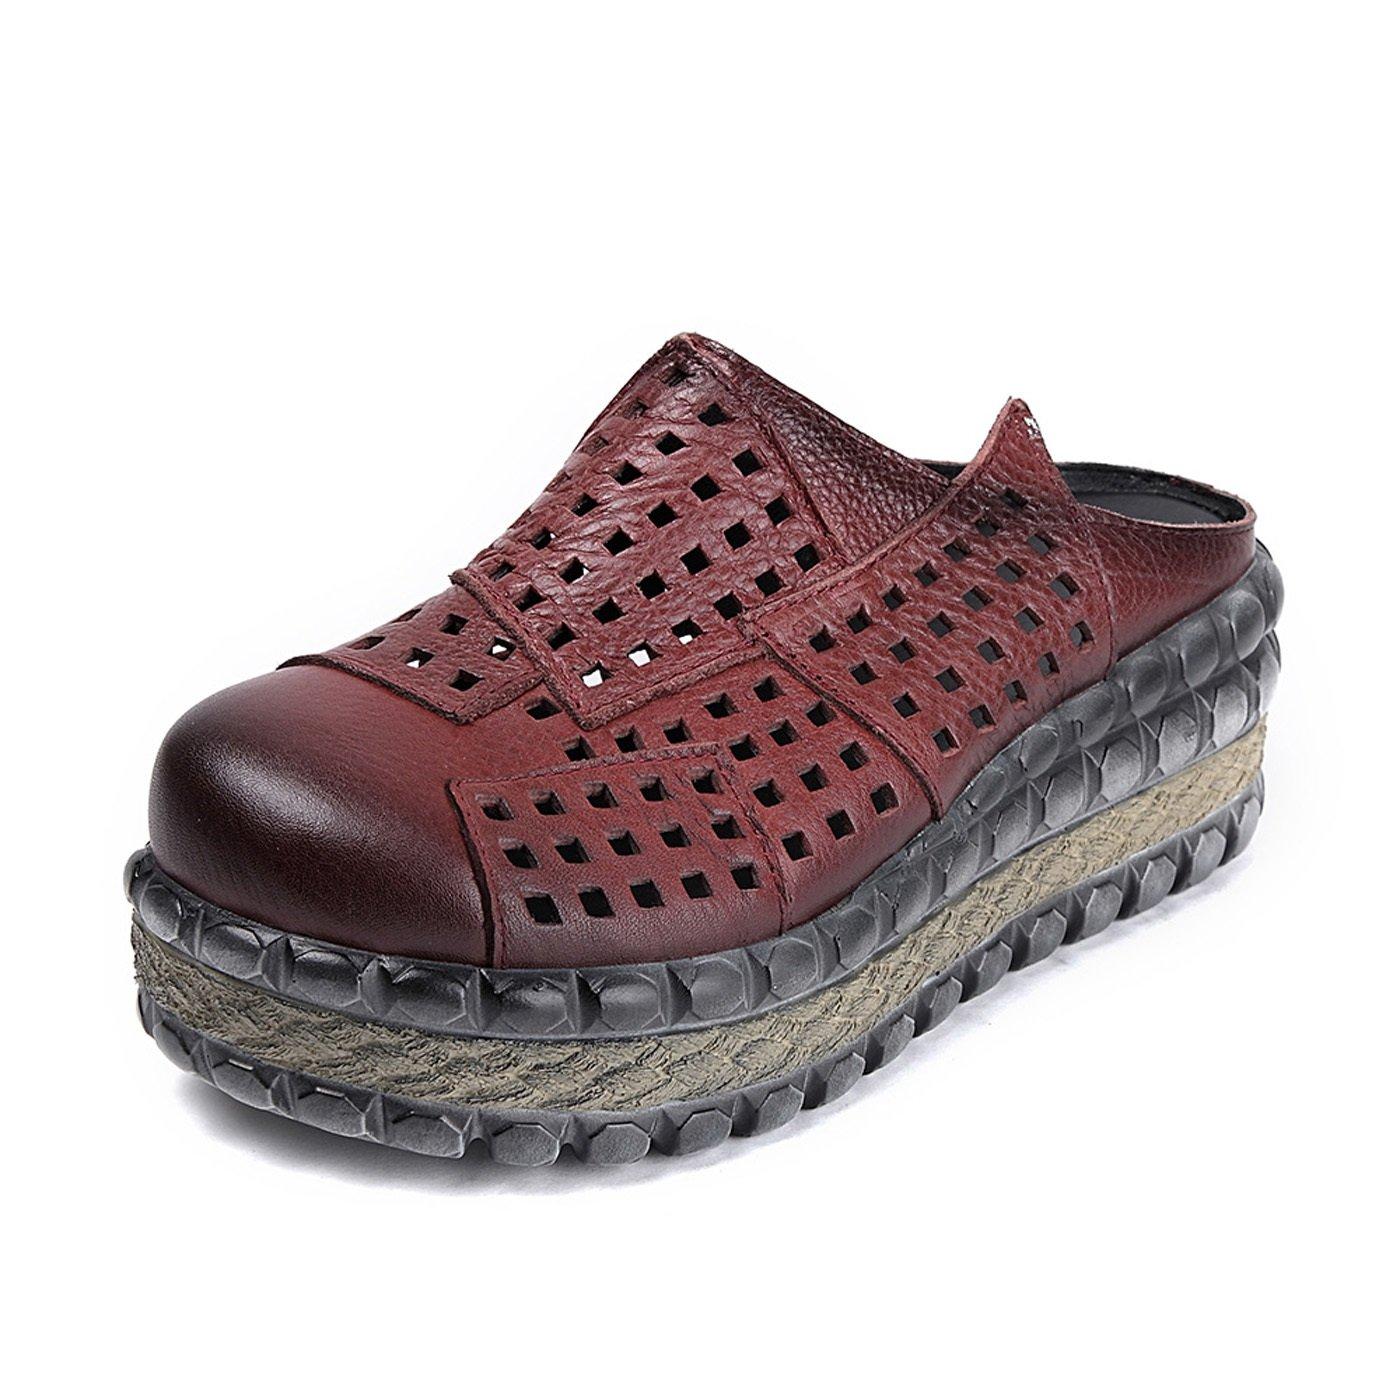 Rouge  DANDANJIE Sandales pour Femmes Vintage Creux évidés Sandales à Talons compensés Pantoufles PU Hauteur augHommestée Chaussures